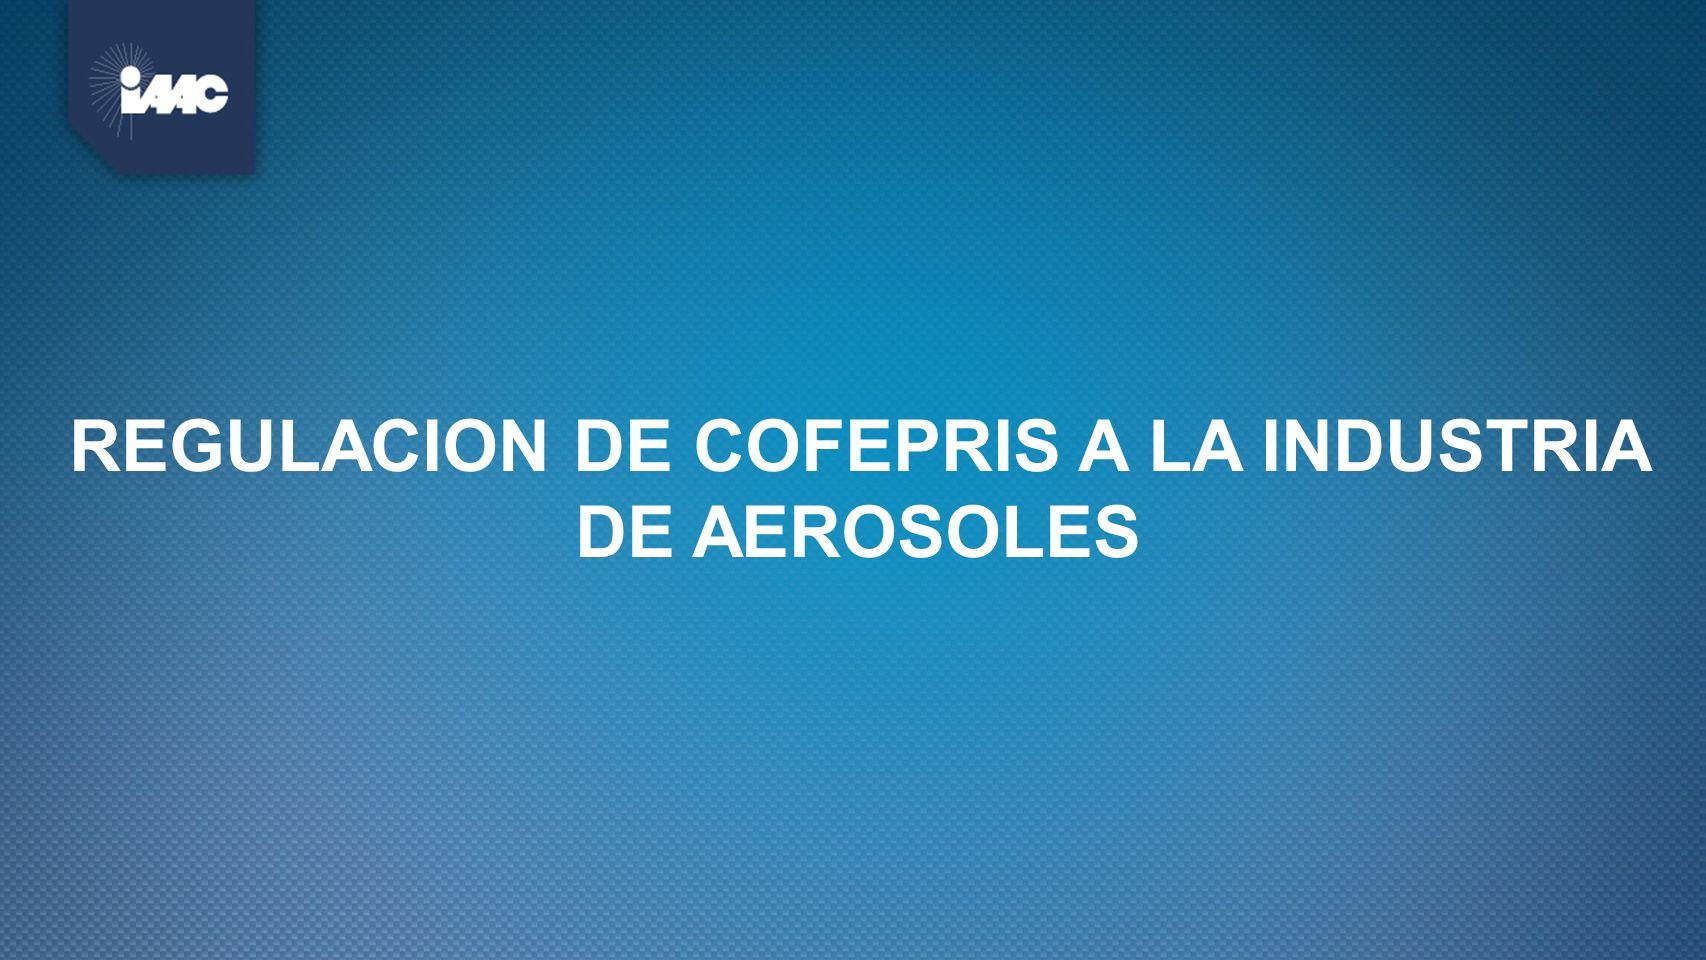 REGULACION DE COFEPRIS A LA INDUSTRIA DE AEROSOLES